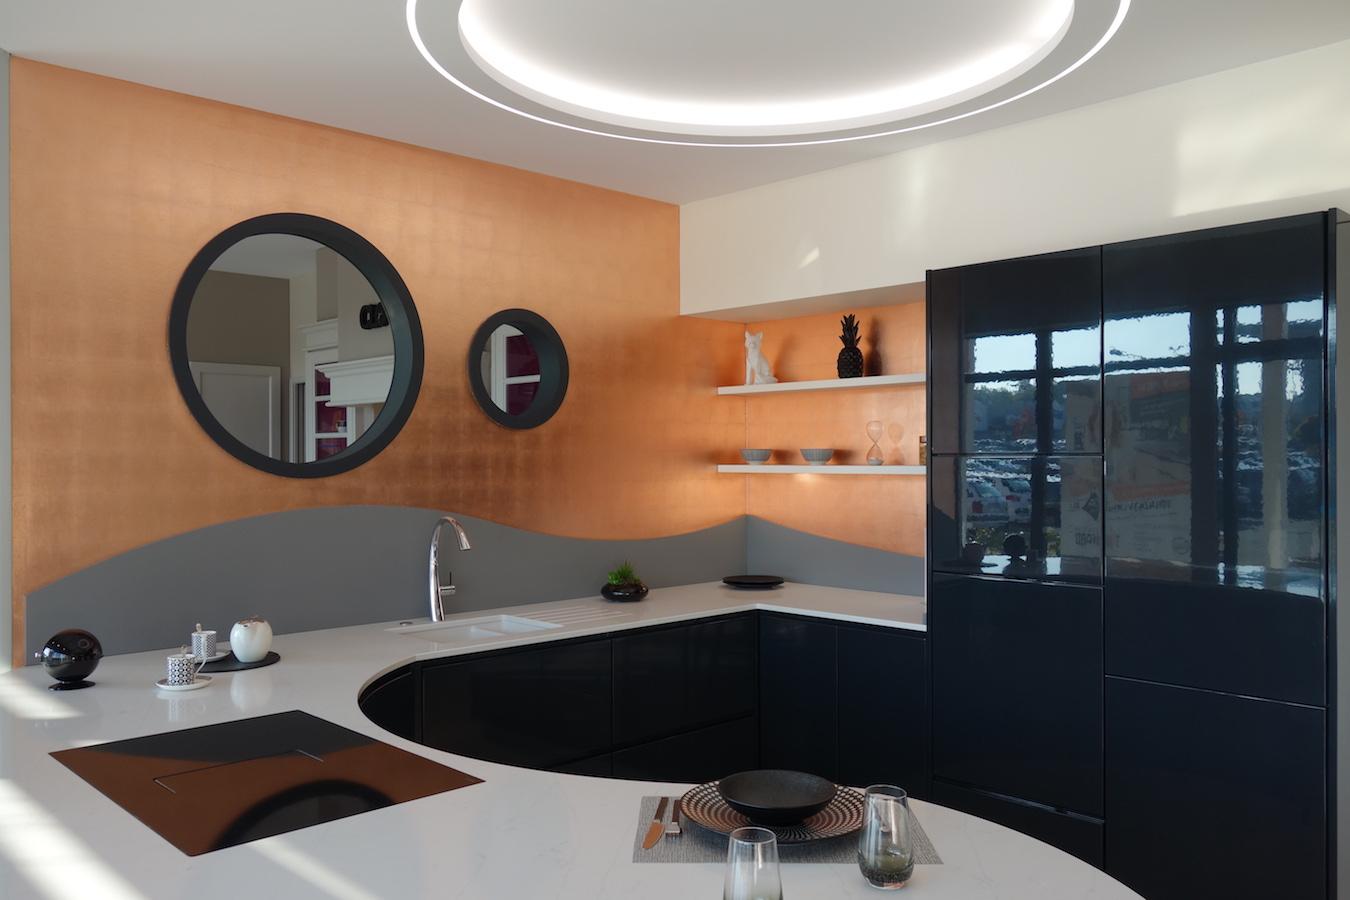 Décoration feuilles de cuivres sur murs cuisine